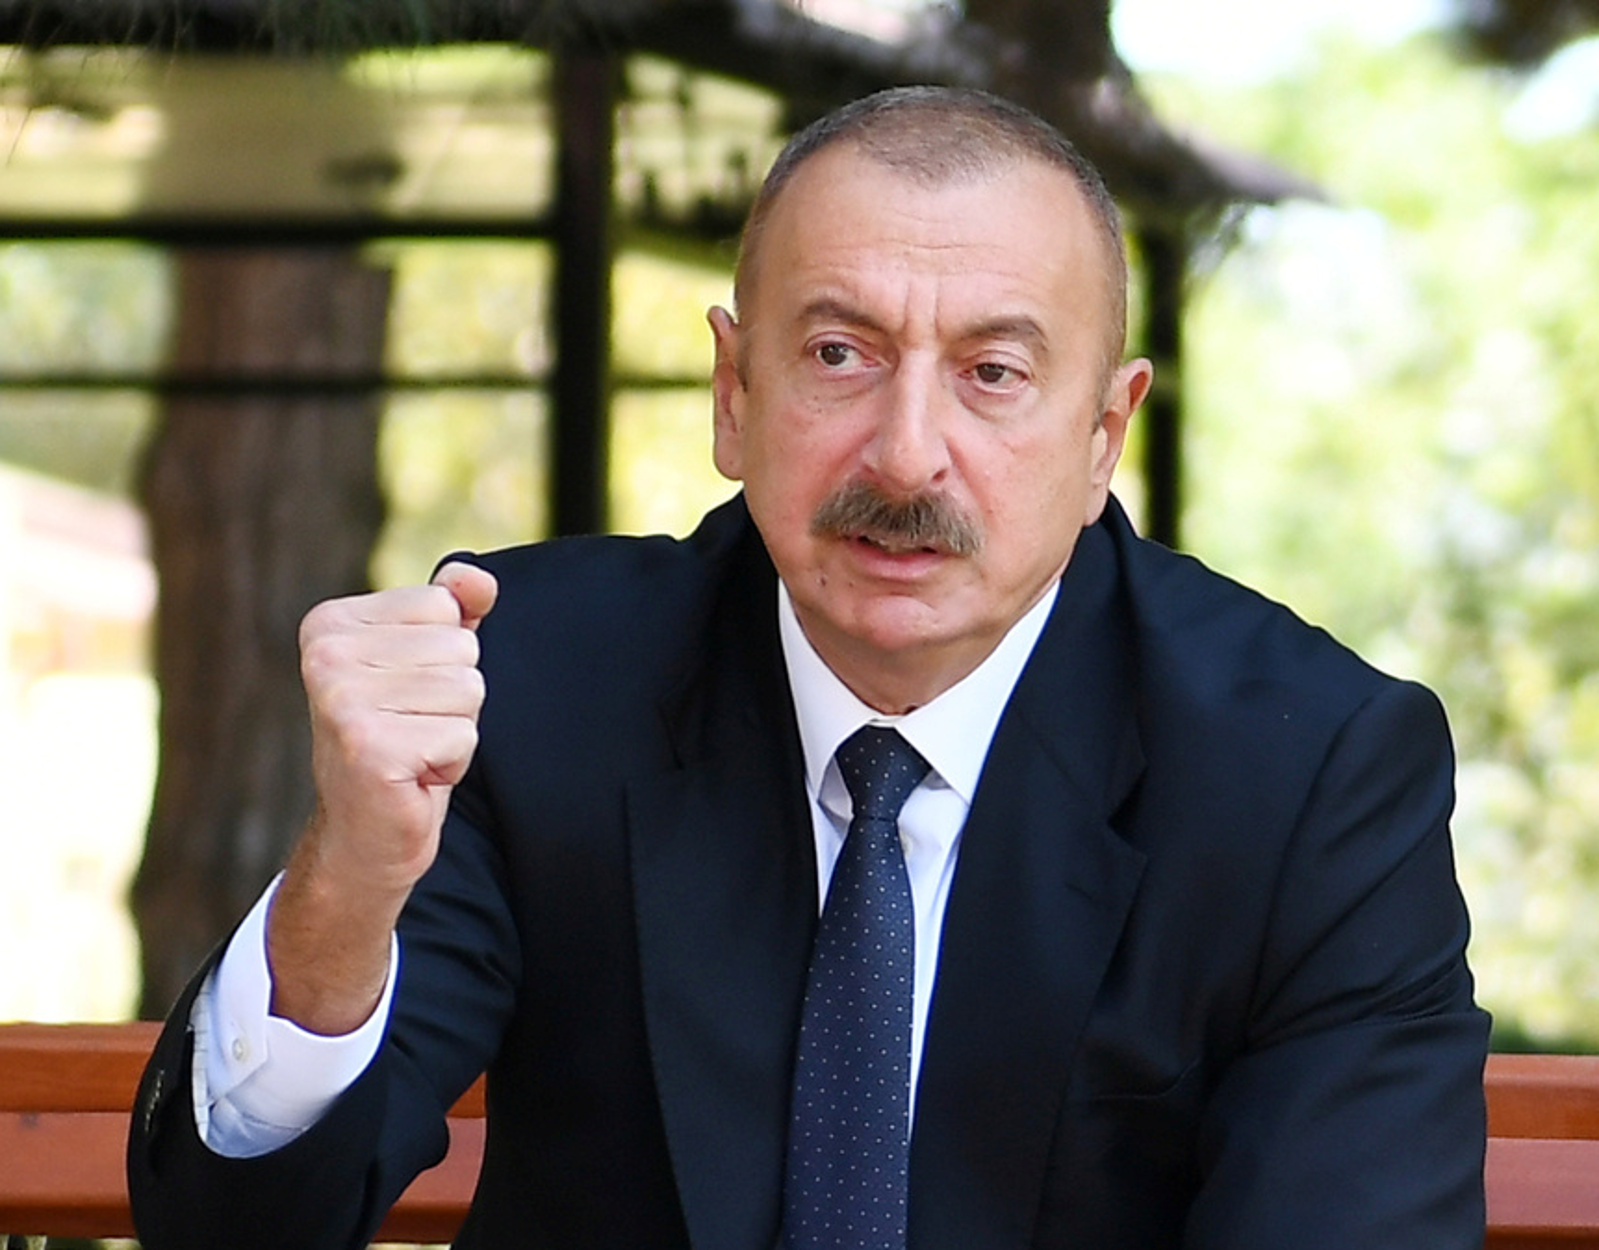 """Ναγκόρνο Καραμπάχ: Αποχώρηση των Αρμενίων ζητά το Αζερμπαϊτζάν – """"Να μας ζητήσετε συγγνώμη"""""""